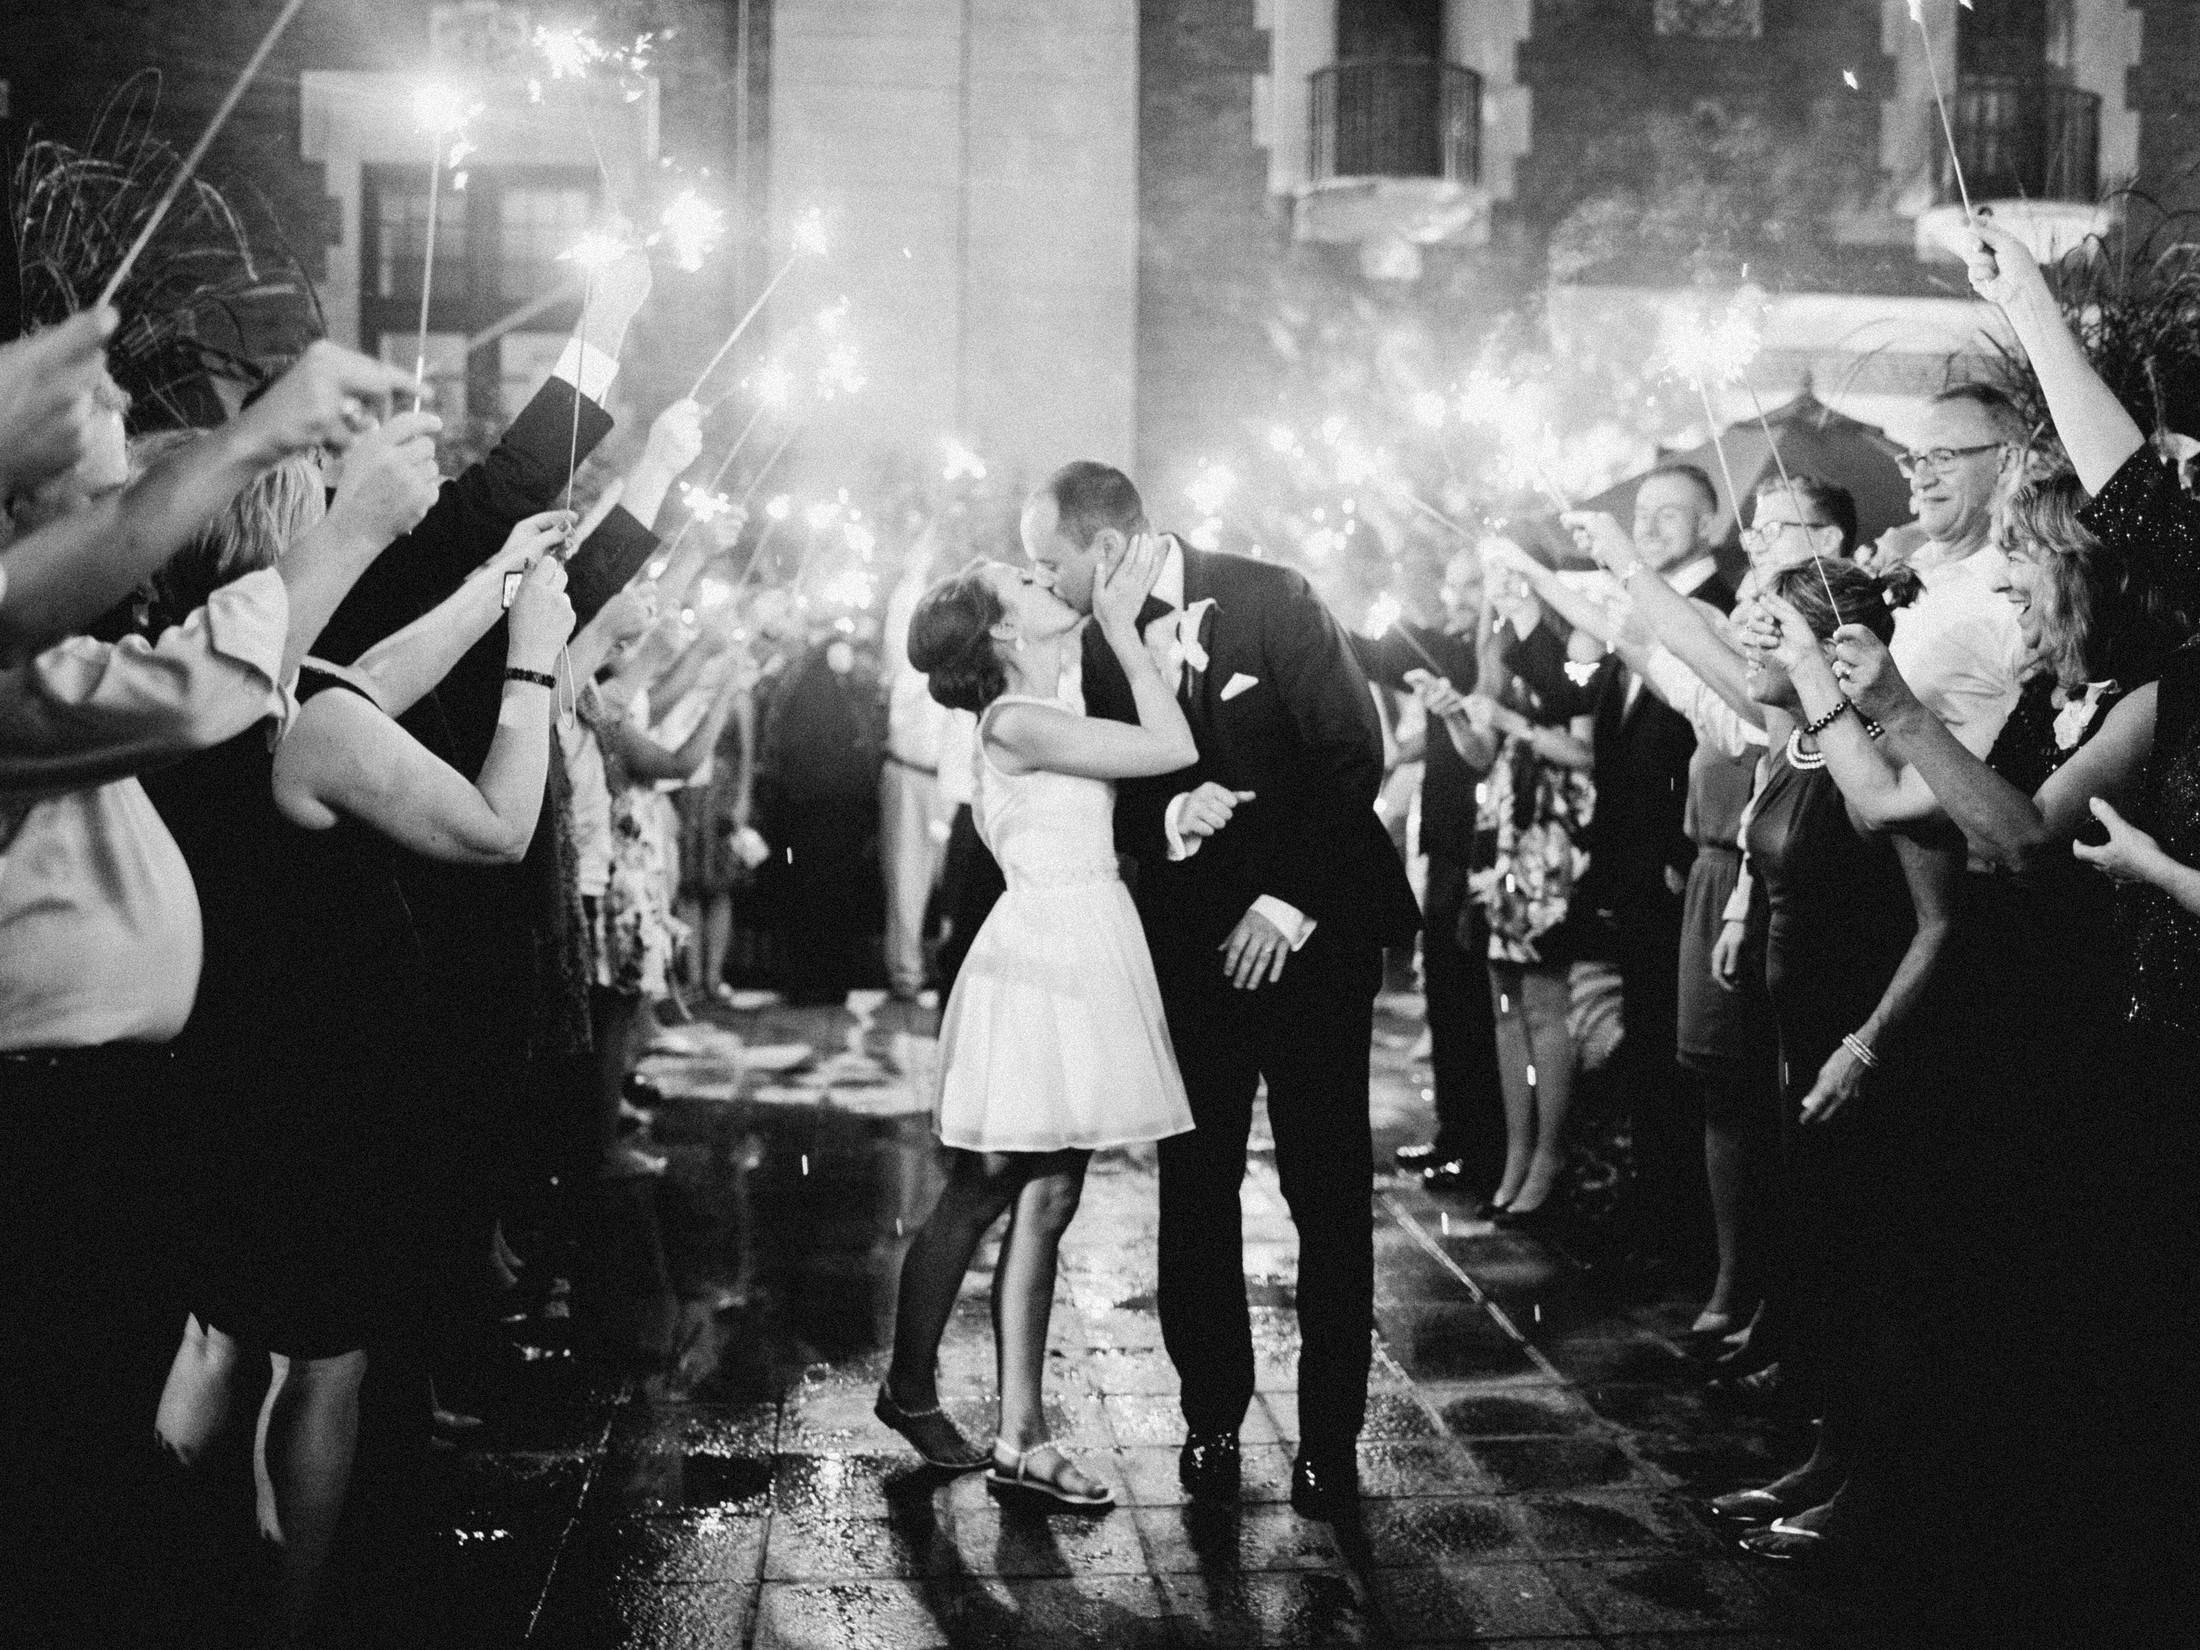 detroit_wedding_blaine_siesser_0051_std.jpg